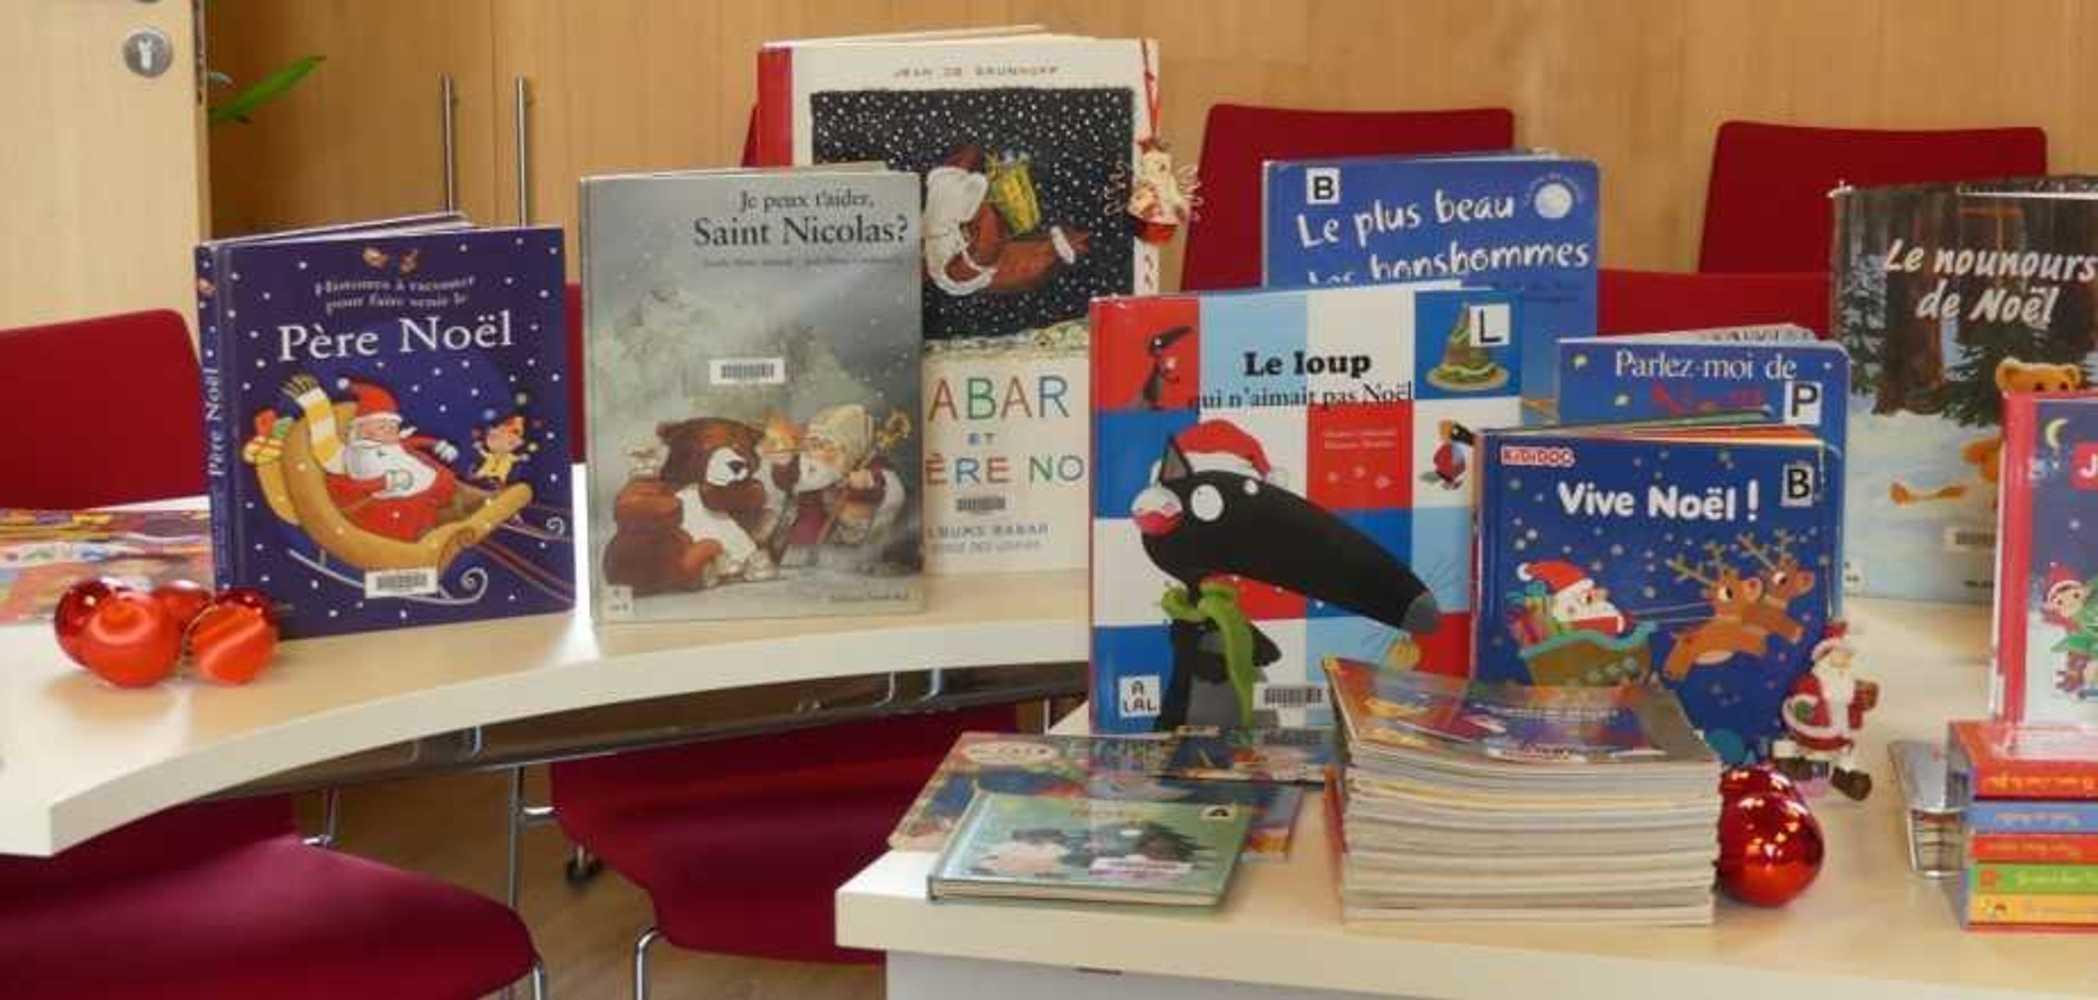 Bibliothèque : les livres de Noël sont arrivés. photopourlesite2